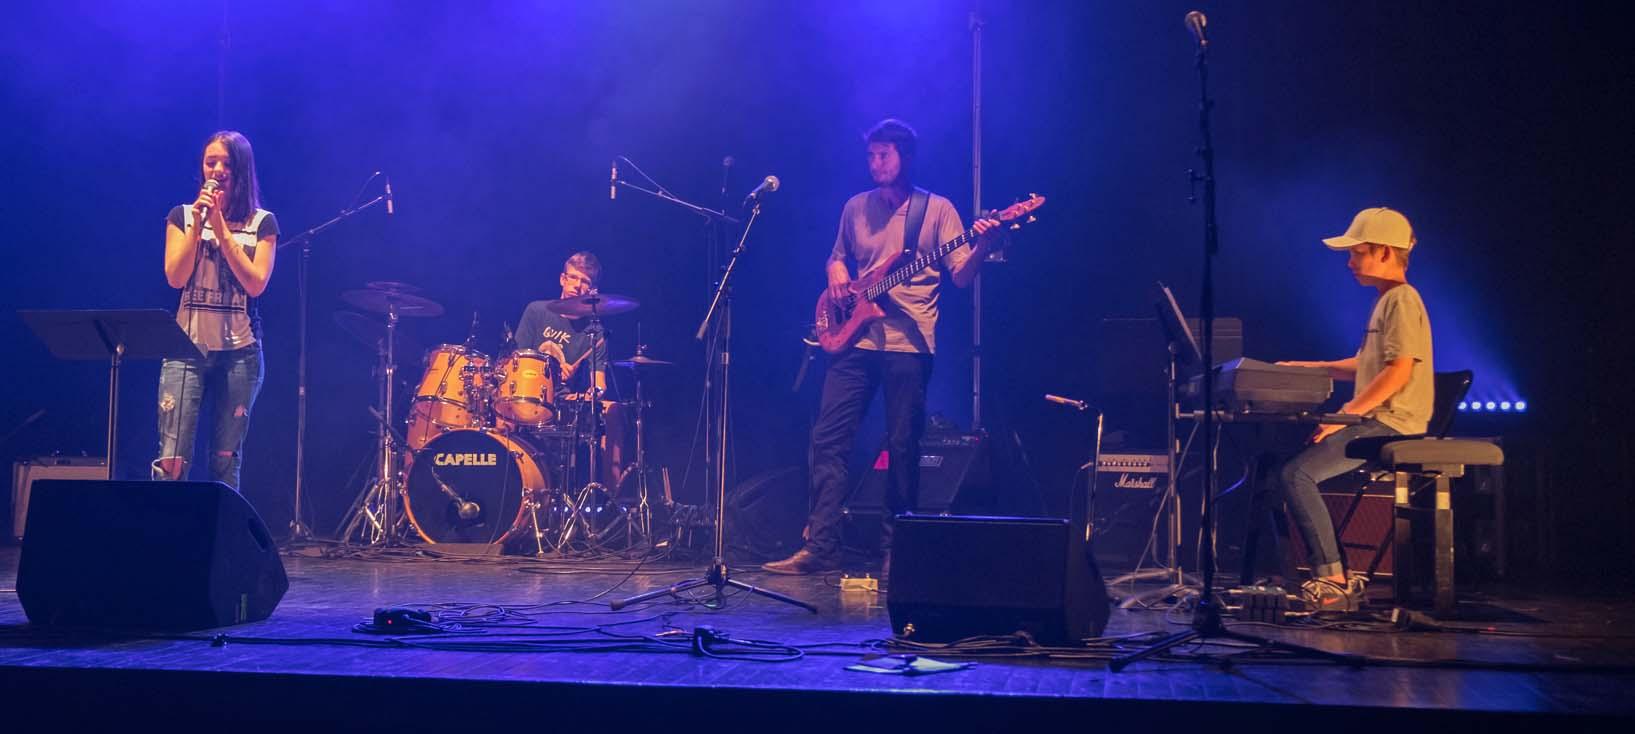 Concert Ecole musique_02_Didier Kohn-